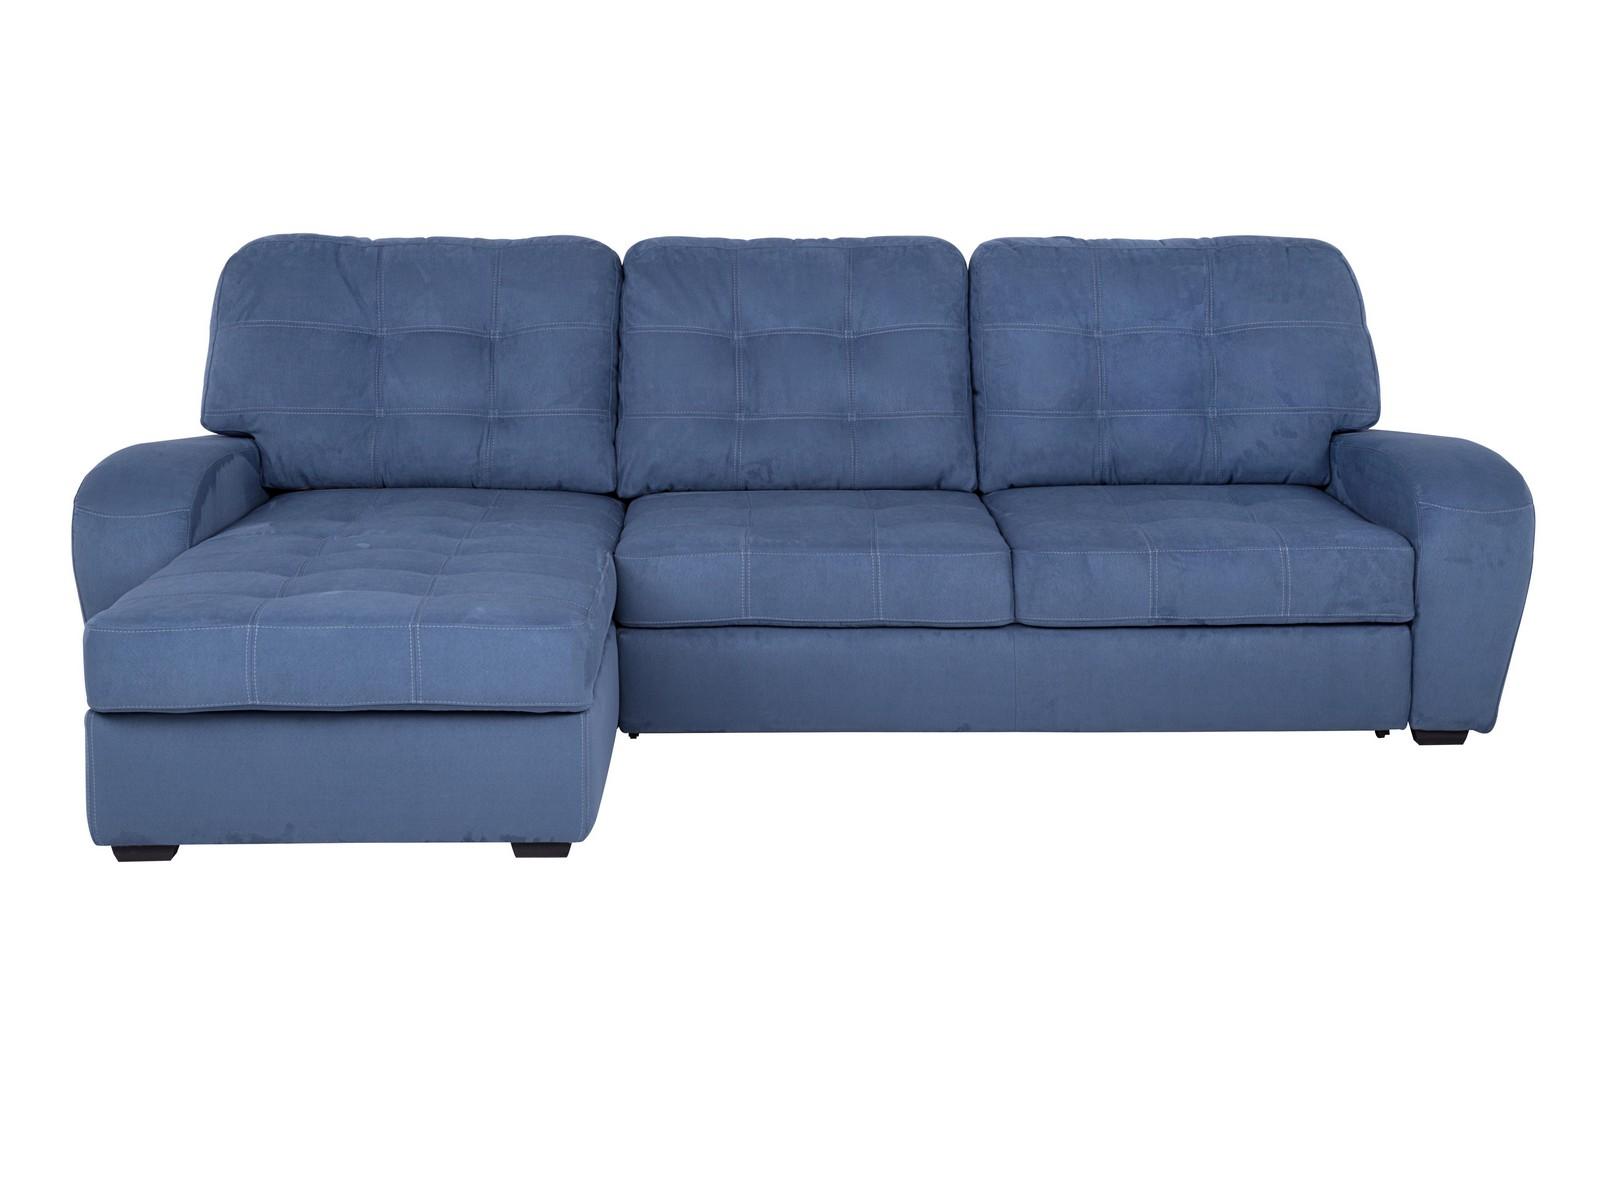 Угловой диван-кровать МонреальУгловые раскладные диваны<br>В основании дивана находится ортопедическая решётка из эластичных лат. Большое канапе, на котором так приятно сидеть, вытянув ноги, можно плавно и без усилий поднять с помощью газовых толкателей и получить доступ к огромному отсеку для спальных принадлежностей.<br>Модель оснащена надёжным механизмом трансформации &amp;quot;Люкс&amp;quot;, который превращает диван в удобную кровать с большим идеально ровным спальным местом размером 240х160 см. Сборка требуется, все крепления входят в стоимость&amp;lt;div&amp;gt;&amp;lt;br&amp;gt;&amp;lt;/div&amp;gt;&amp;lt;div&amp;gt;Материал обивки: мебельная замша&amp;lt;br&amp;gt;Размер спального места: 242х160 см&amp;lt;/div&amp;gt;<br><br>Material: Текстиль<br>Ширина см: 288<br>Высота см: 104<br>Глубина см: 191